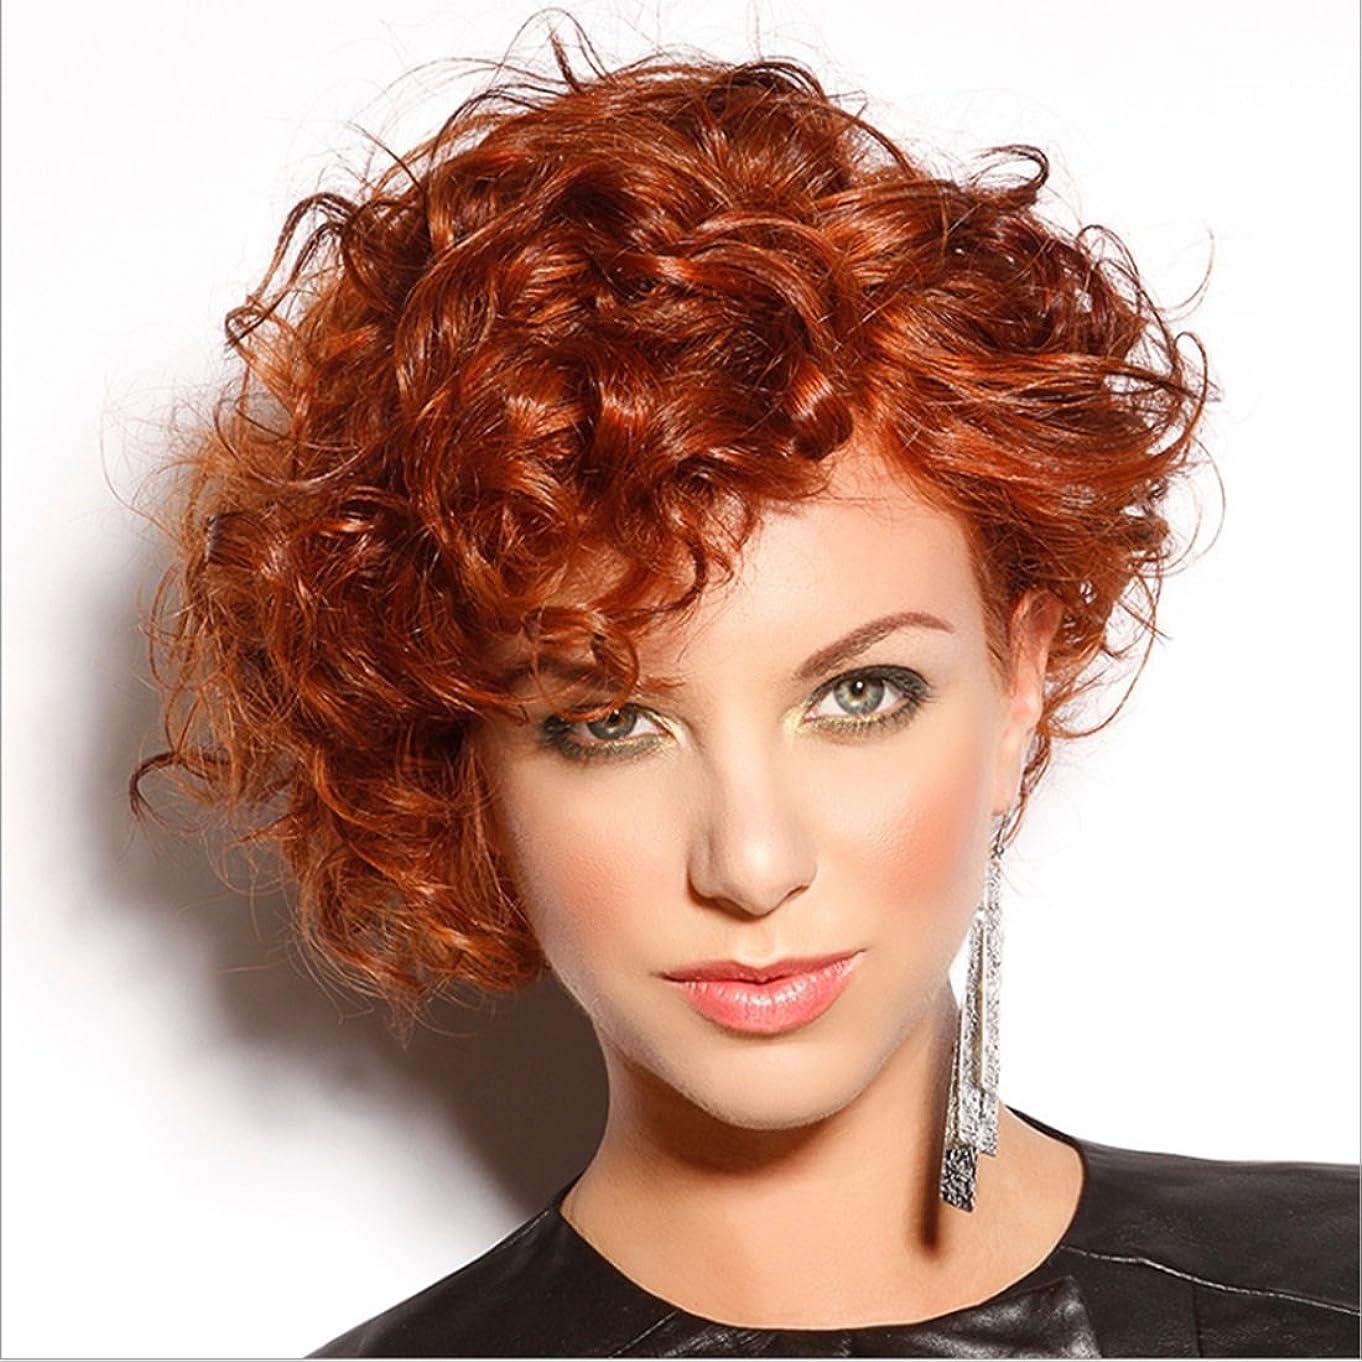 滅多謙虚君主制BOBIDYEE 20センチメートルボボヘッドかつら部分的な斜め前髪付き女性の短い巻き毛のかつら若者の人格女性ファッションかつら (色 : ワインレッド)